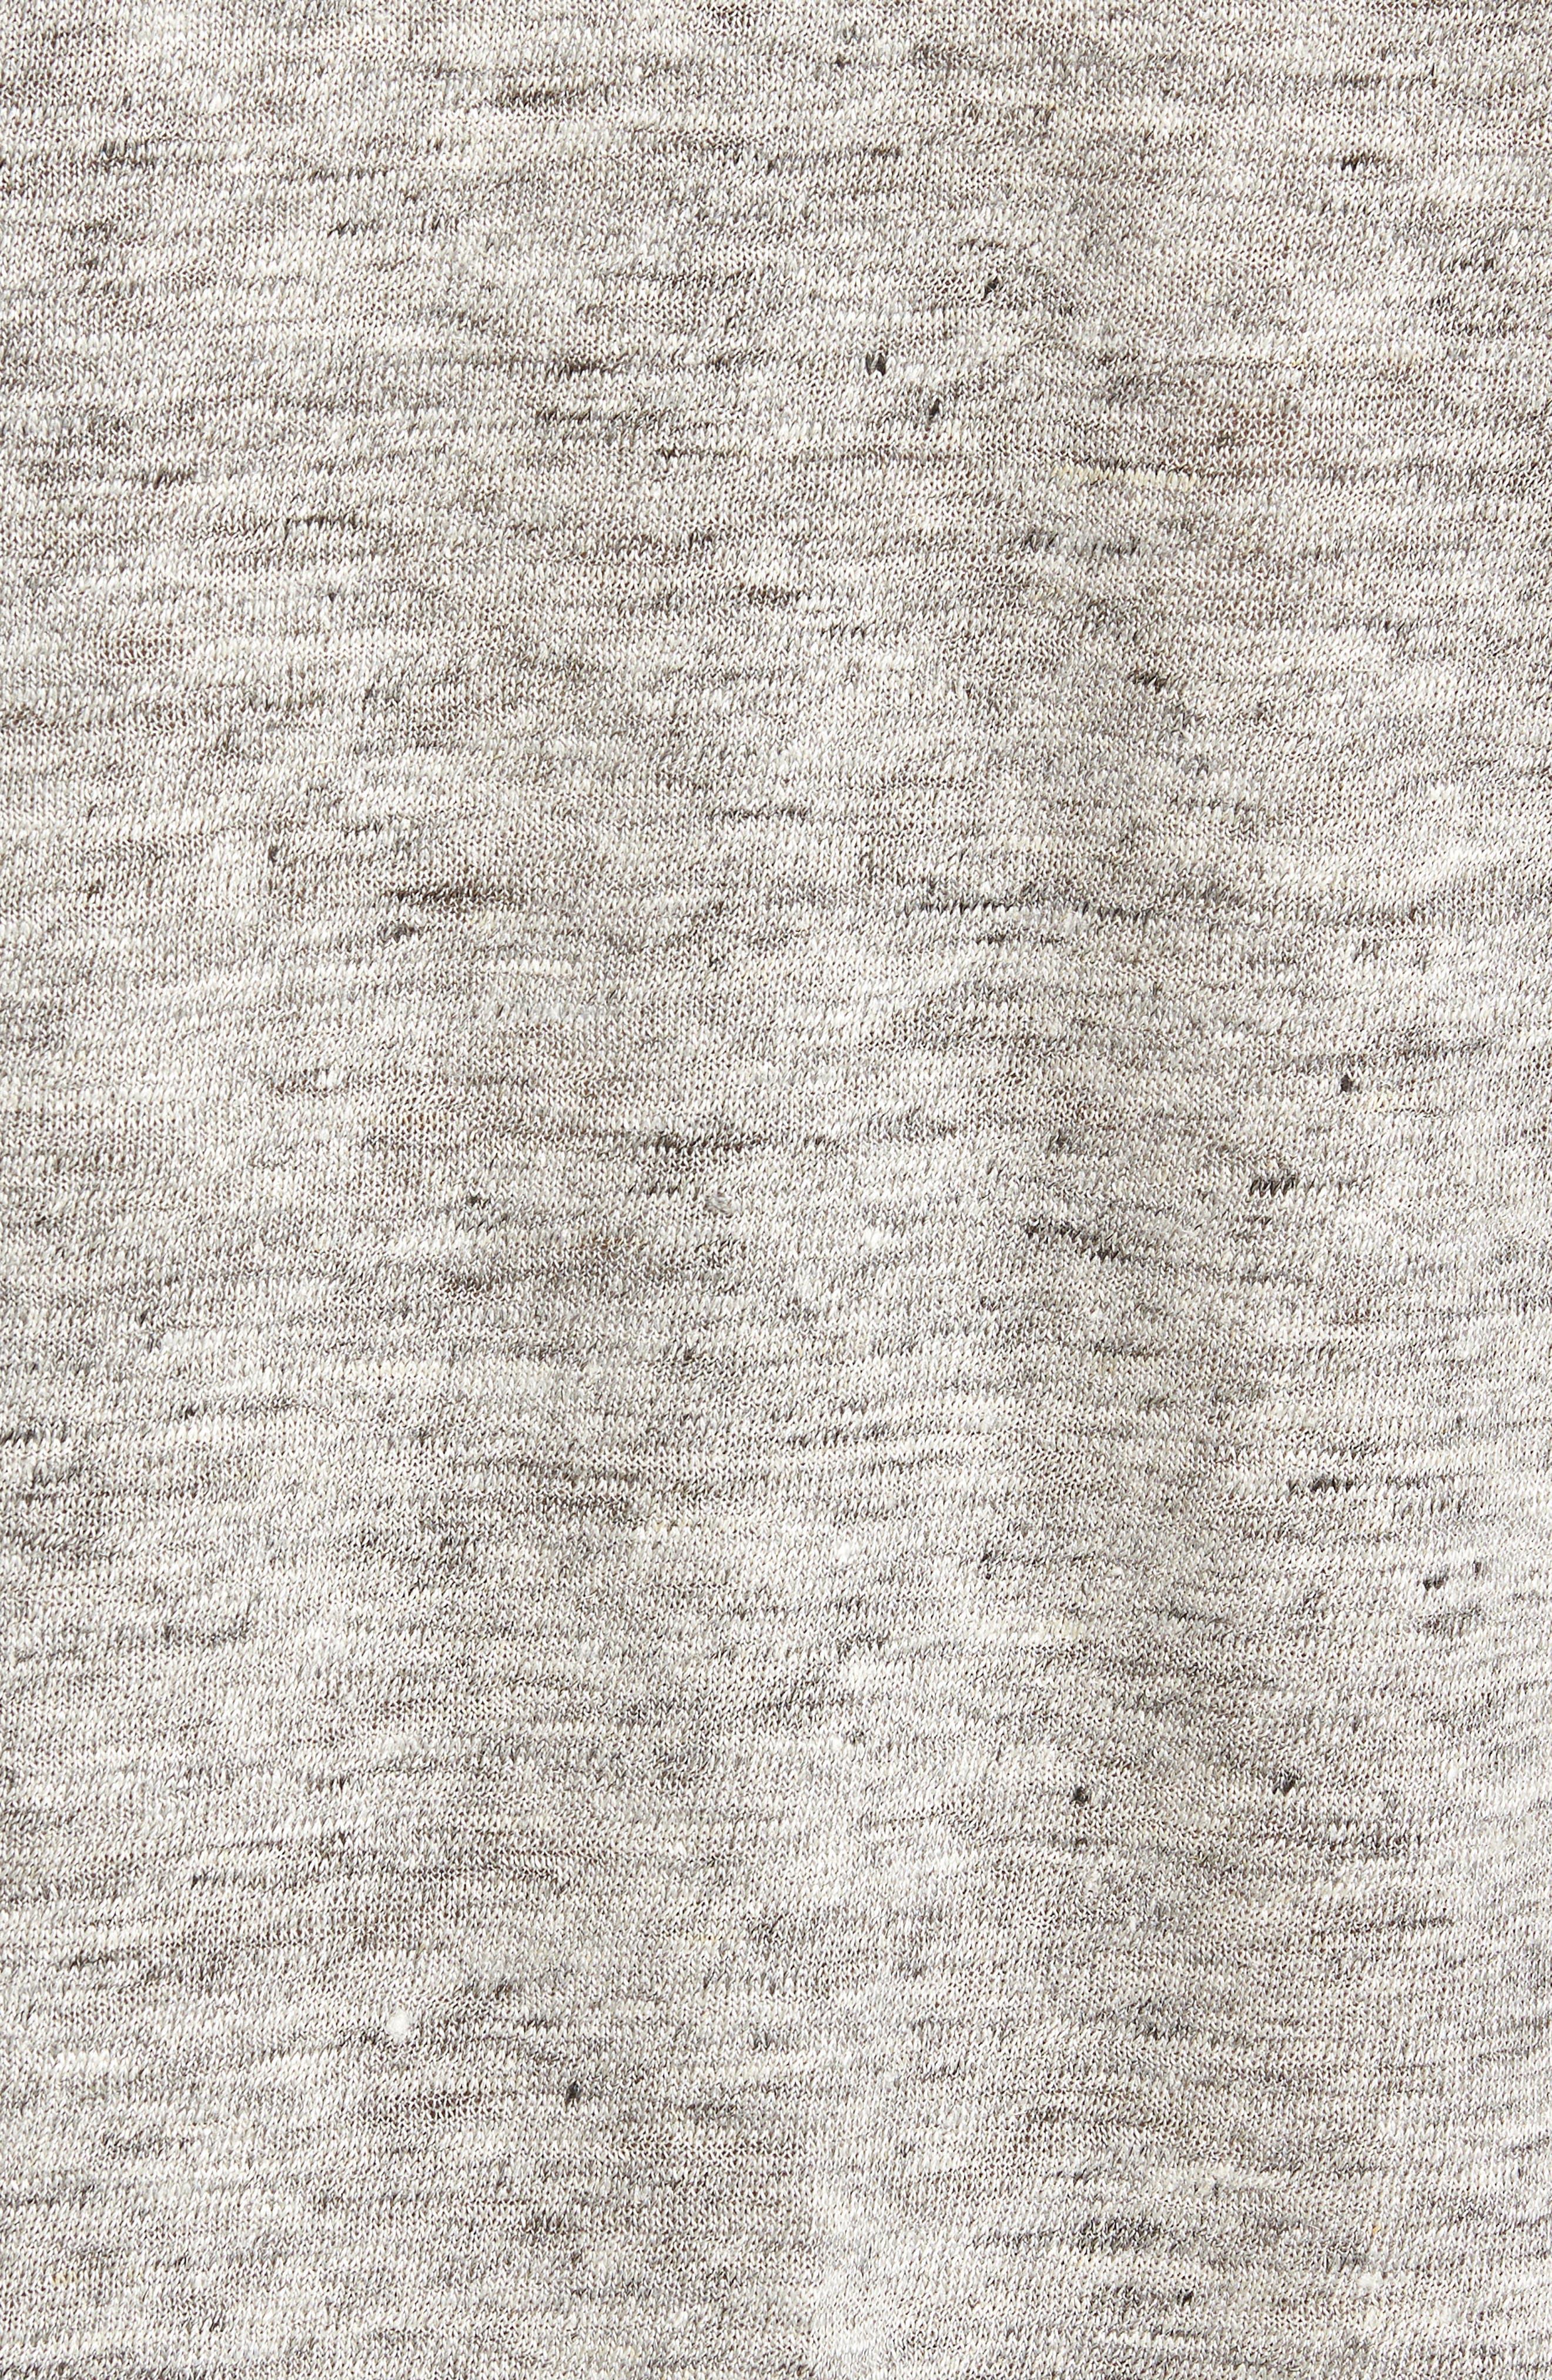 John Varvatos x Nick Jonas Linen T-Shirt,                             Alternate thumbnail 5, color,                             LIGHT GREY HEATHER